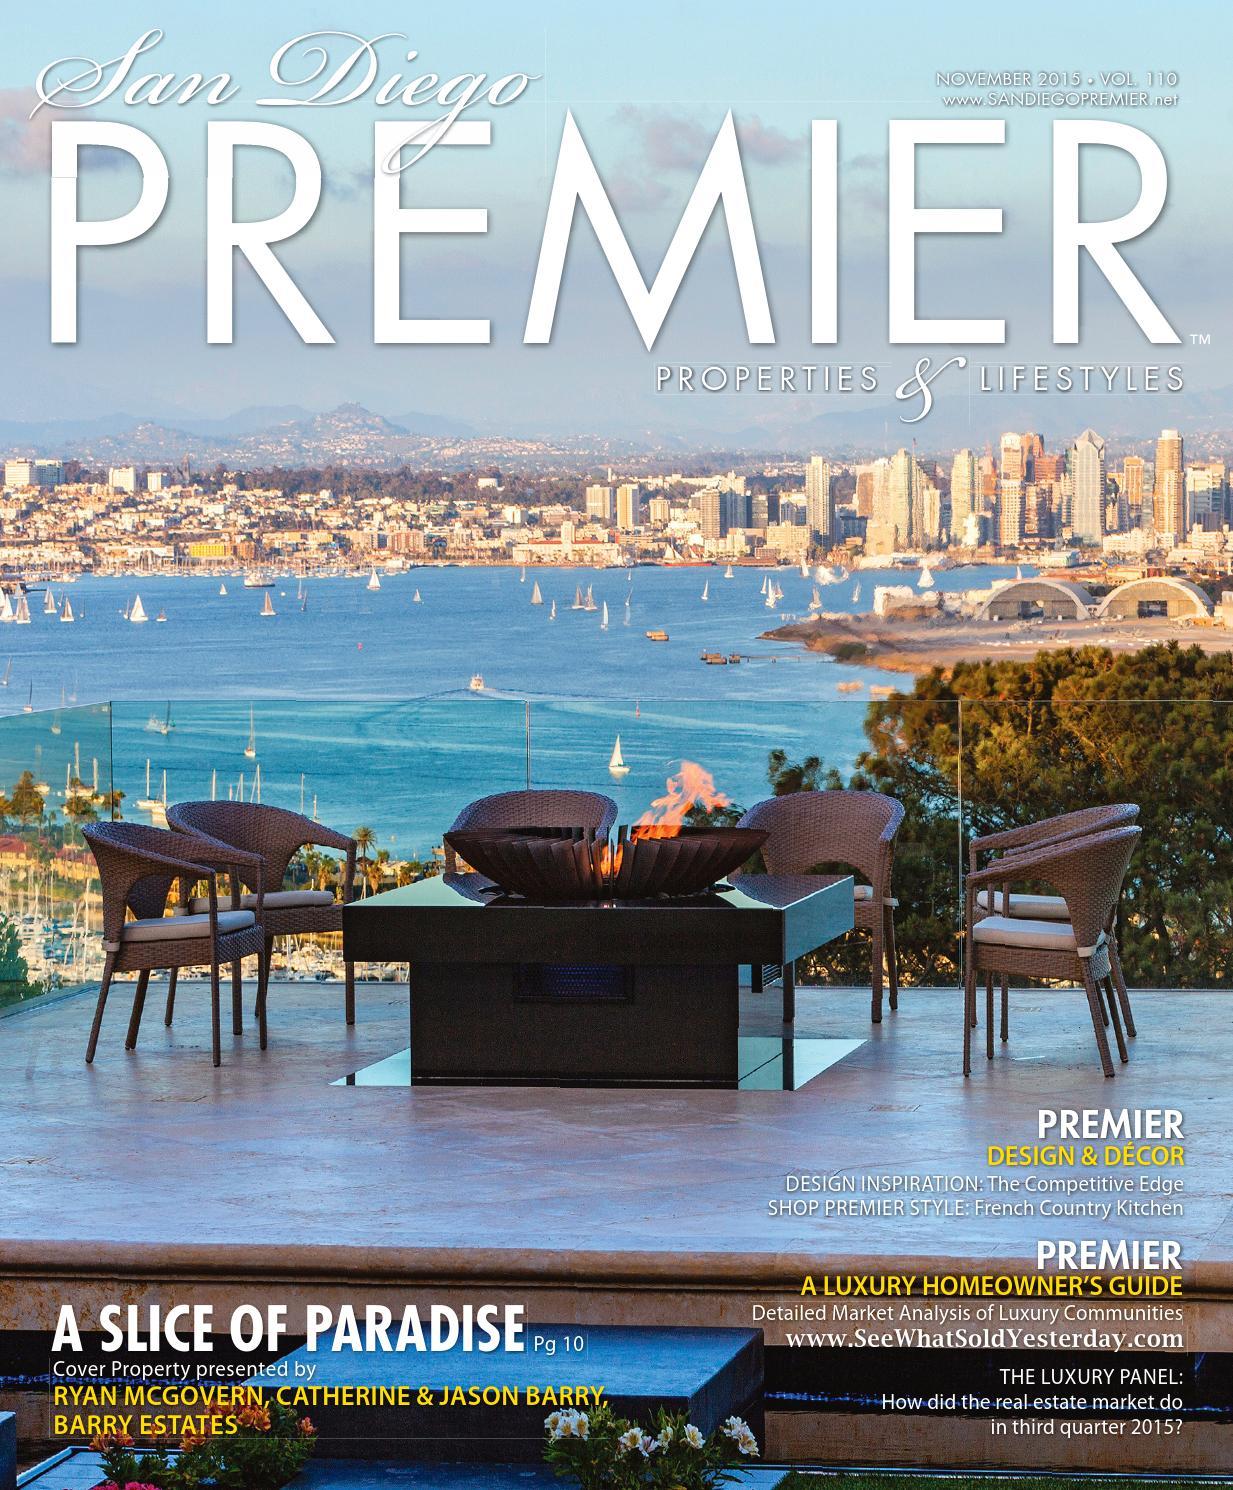 San Diego PREMIER 110 Nov 2015 by San Diego PREMIER - issuu